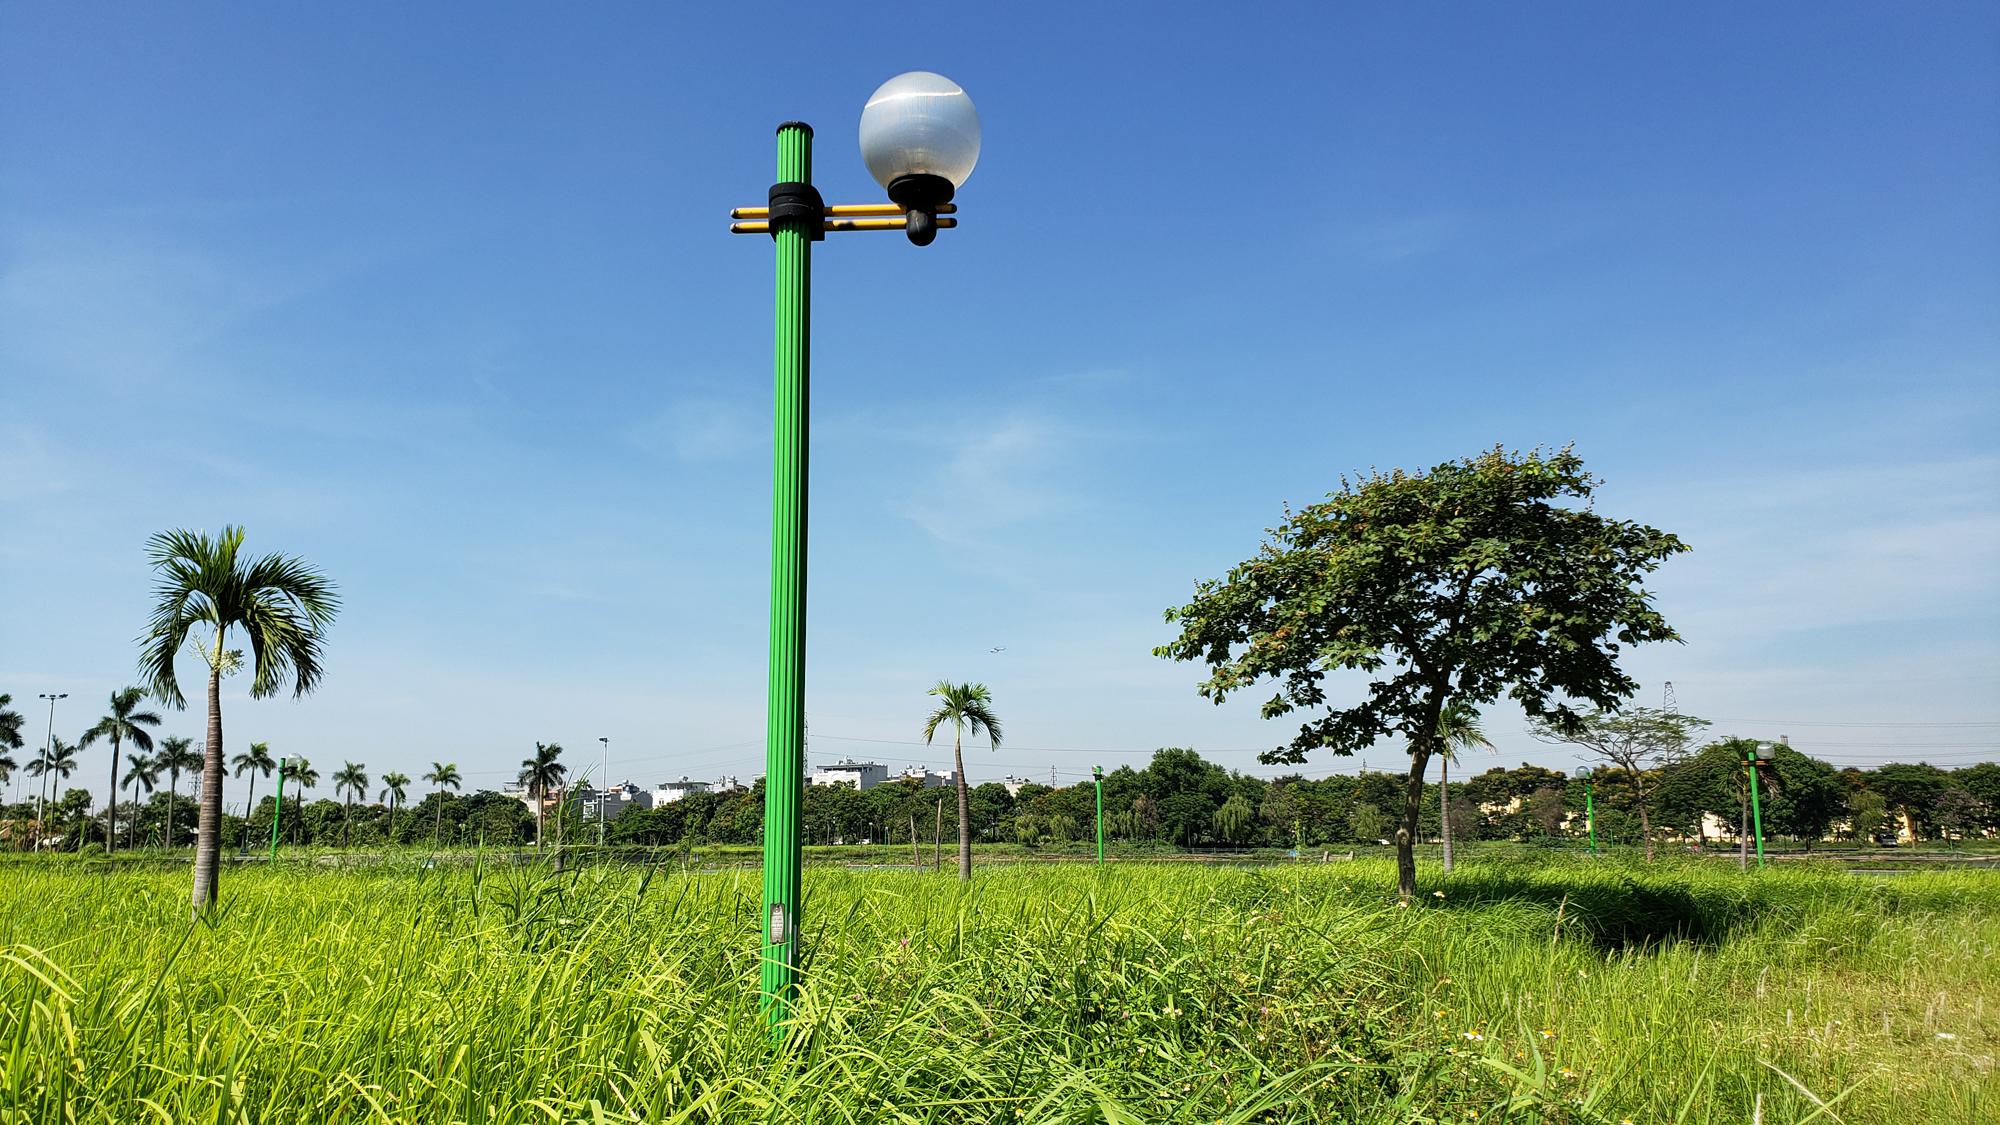 Chờ dự án cải tạo, công viên CV-02 Khu đô thị mới Việt Hưng như cánh đồng hoang - Ảnh 14.